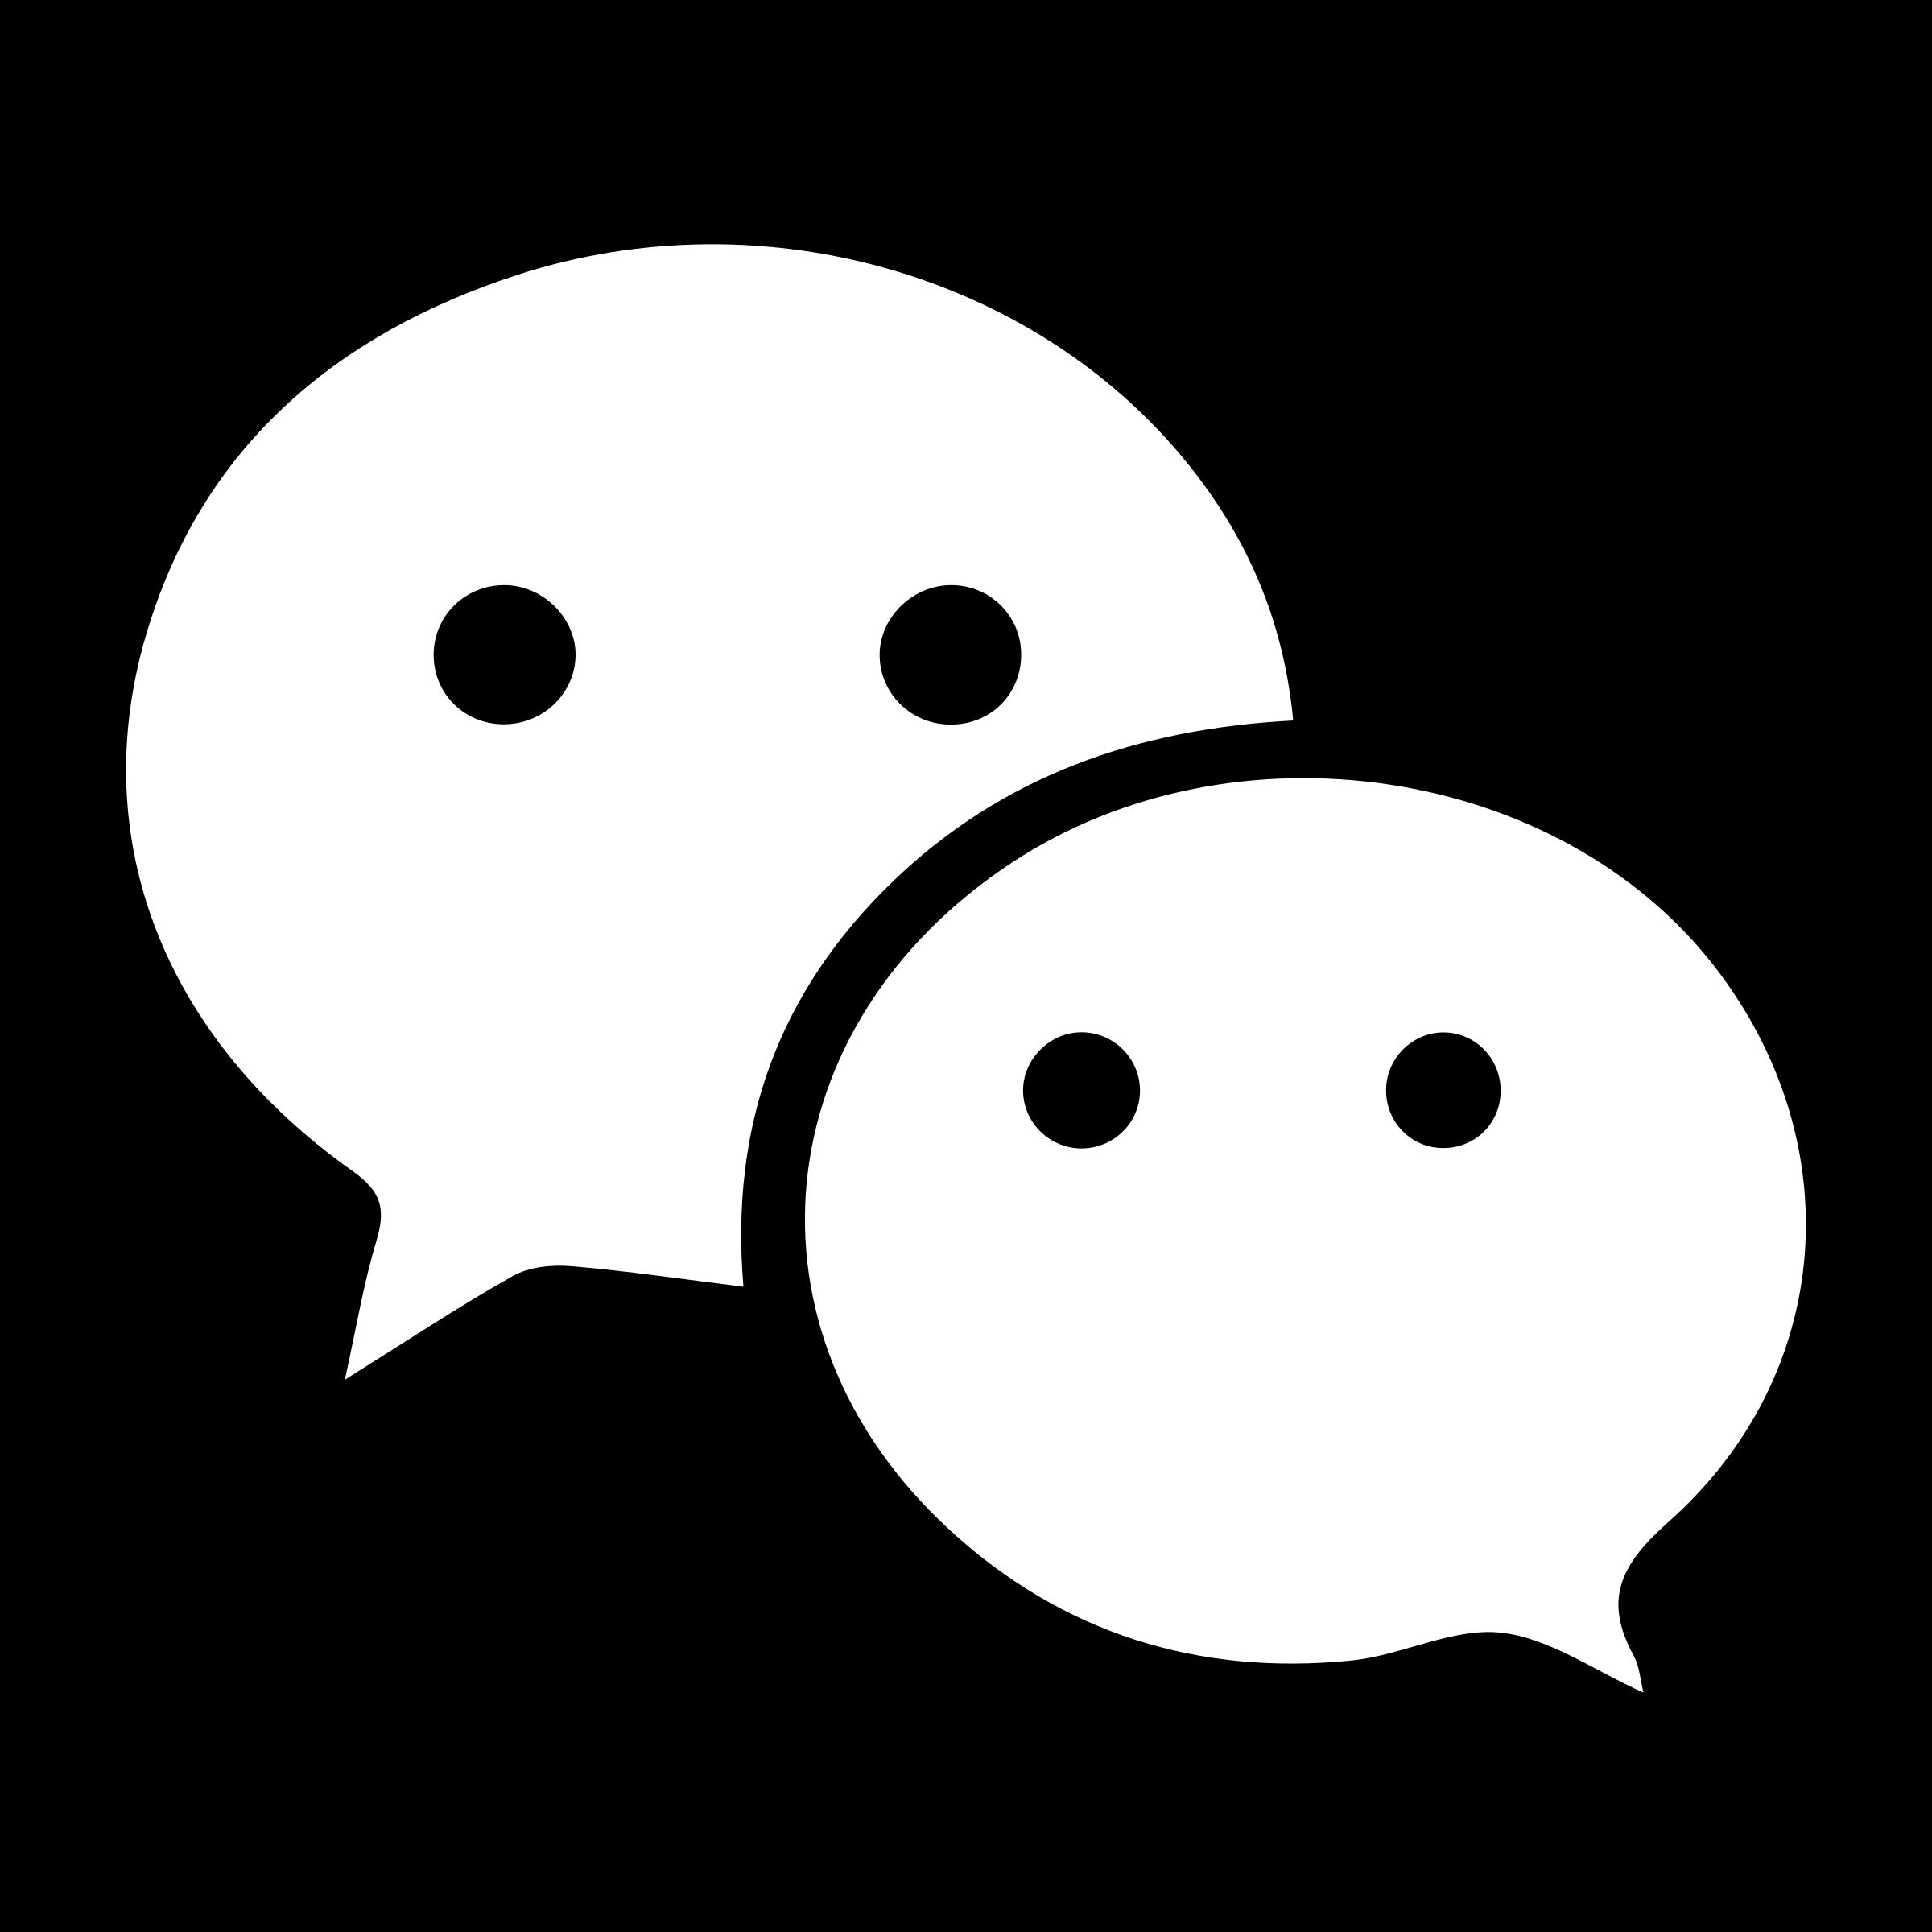 wechat black logo png transparent svg vector freebie supply